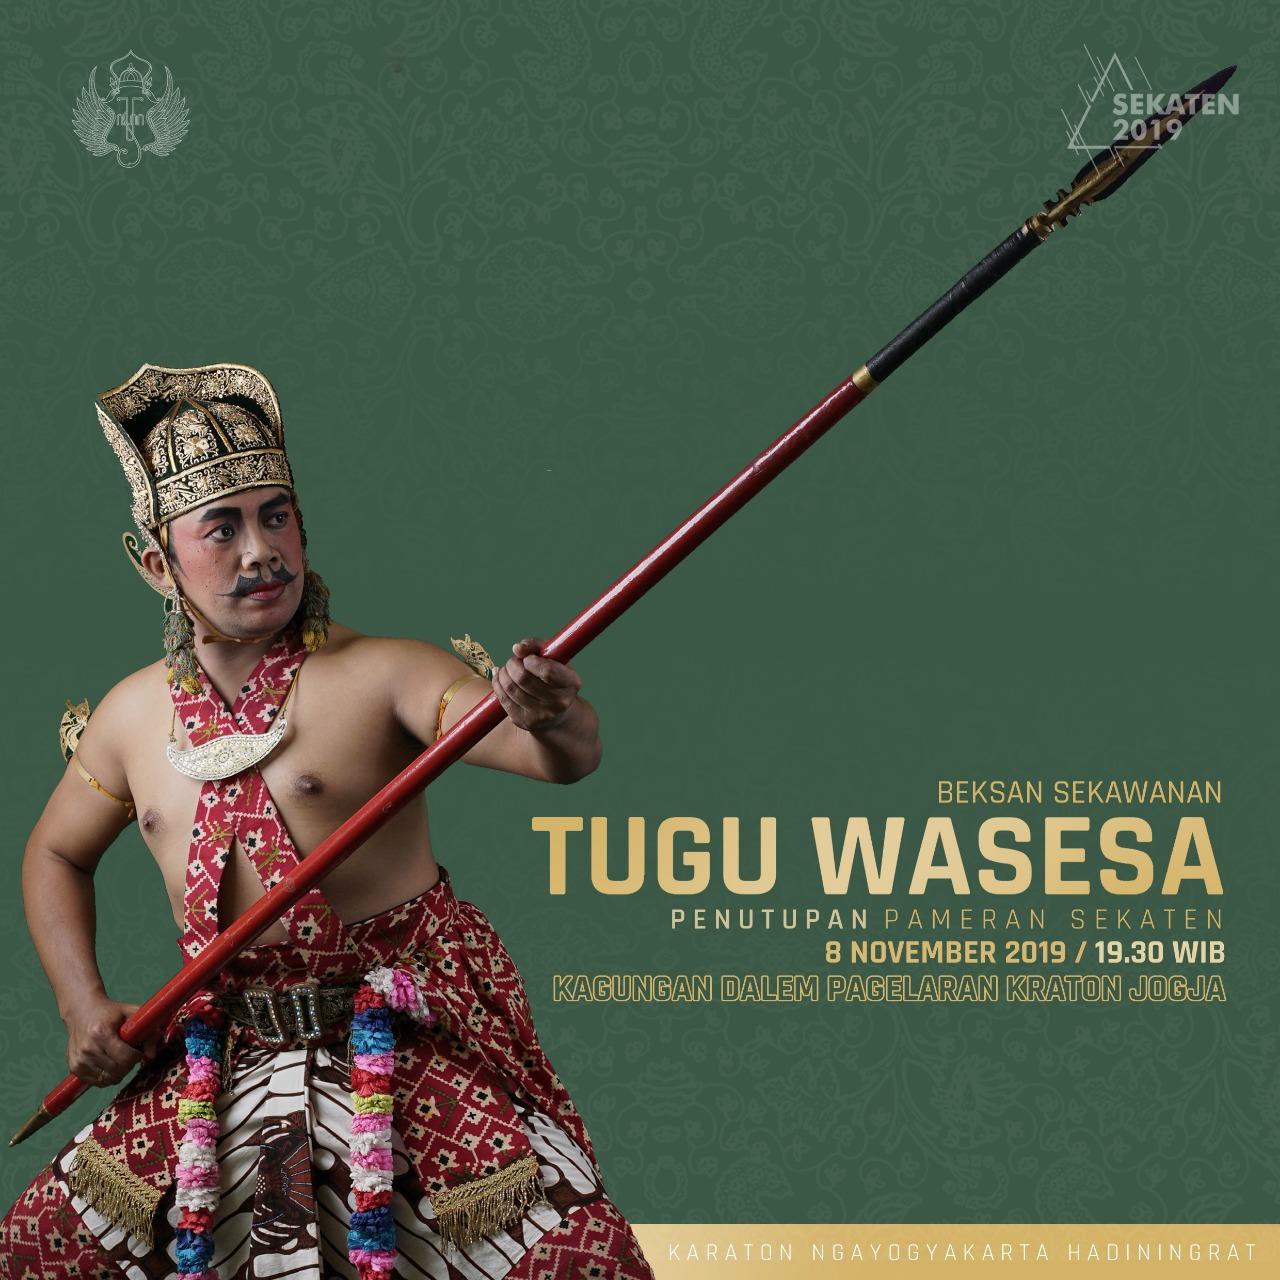 Beksan Tugu Wasesa - Pameran Sekaten 2019